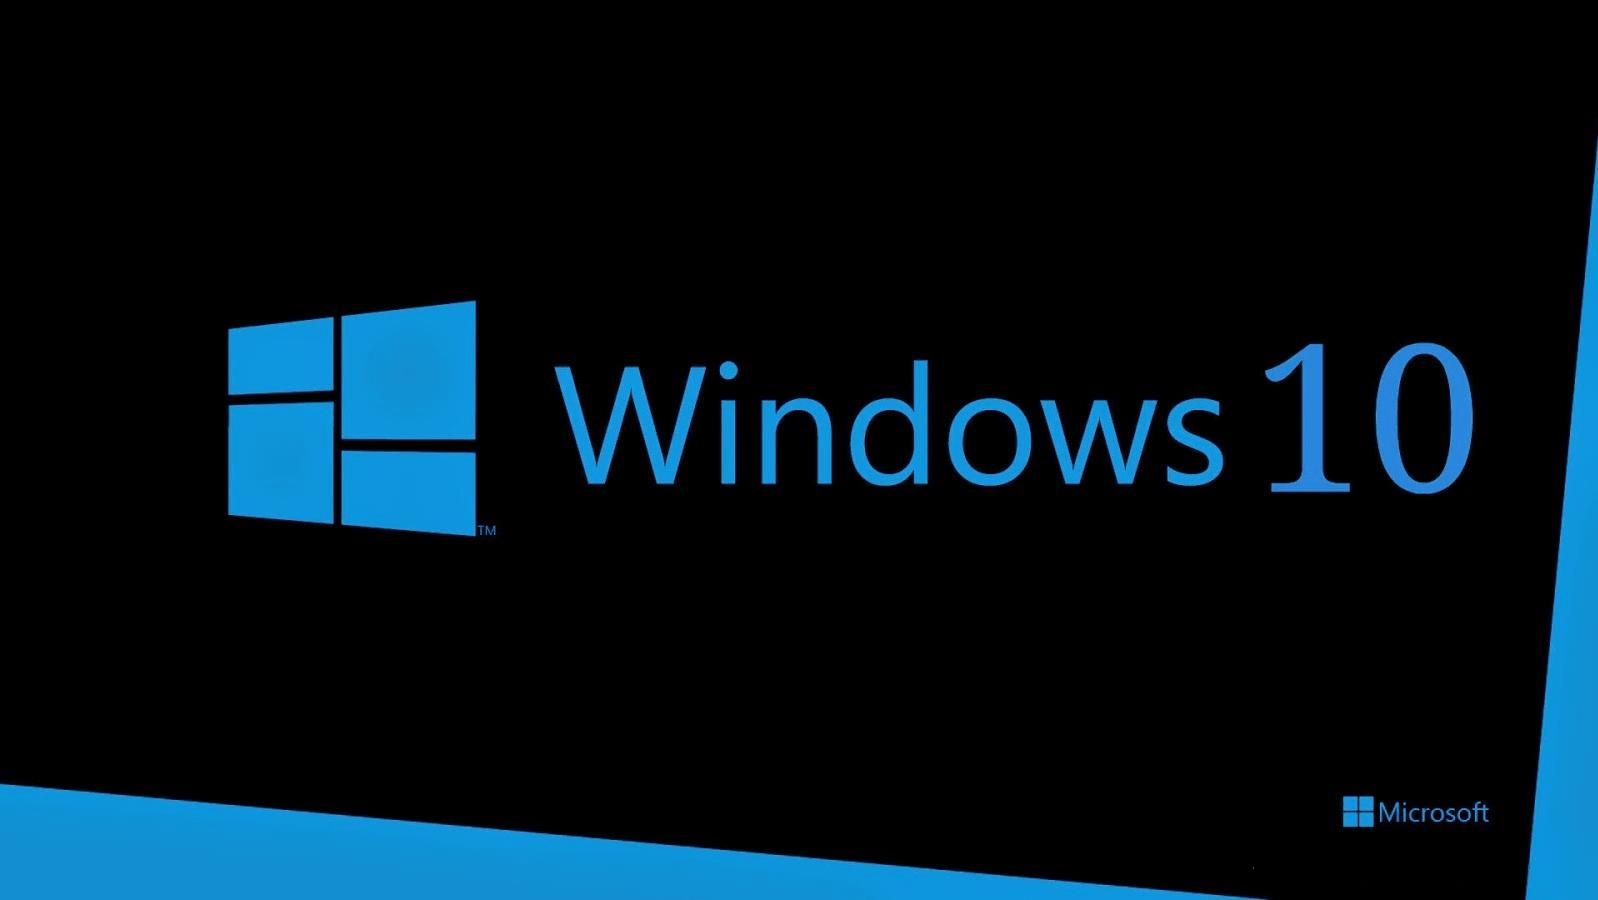 Как выполнить резервное копирование с последующим восстановлением файлов в Windows 10